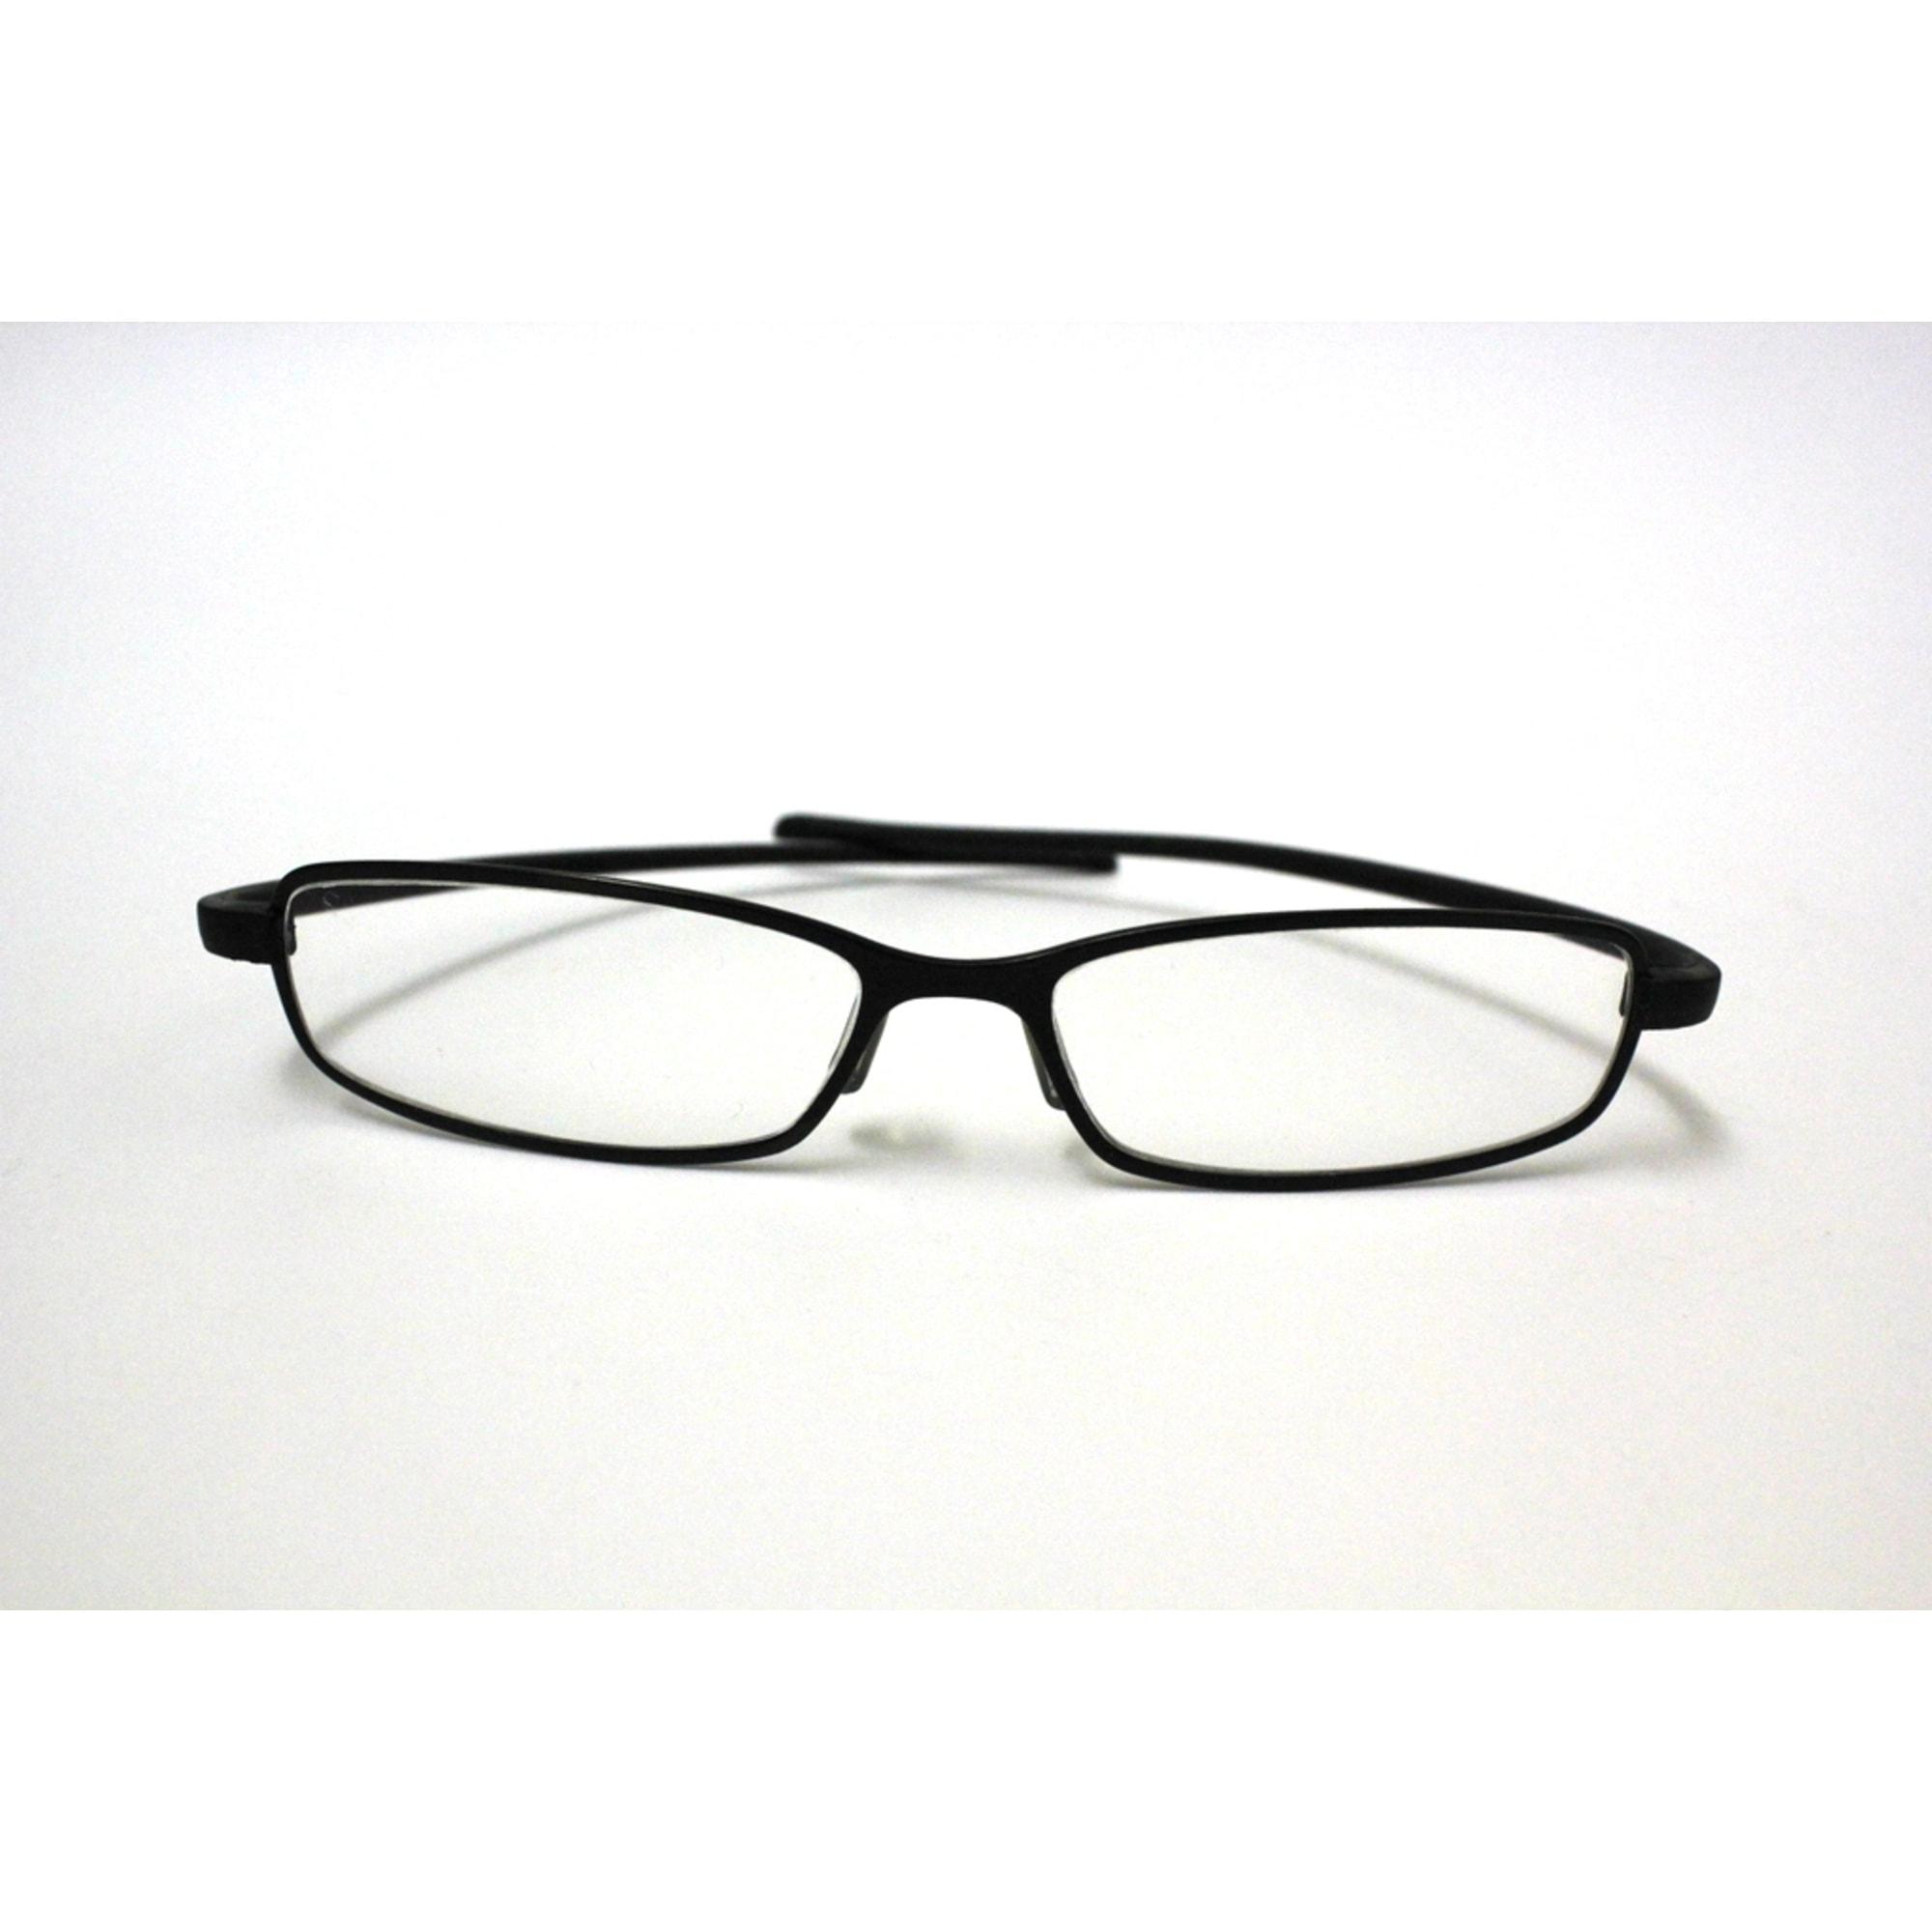 monture de lunettes tag heuer noir 1551679. Black Bedroom Furniture Sets. Home Design Ideas